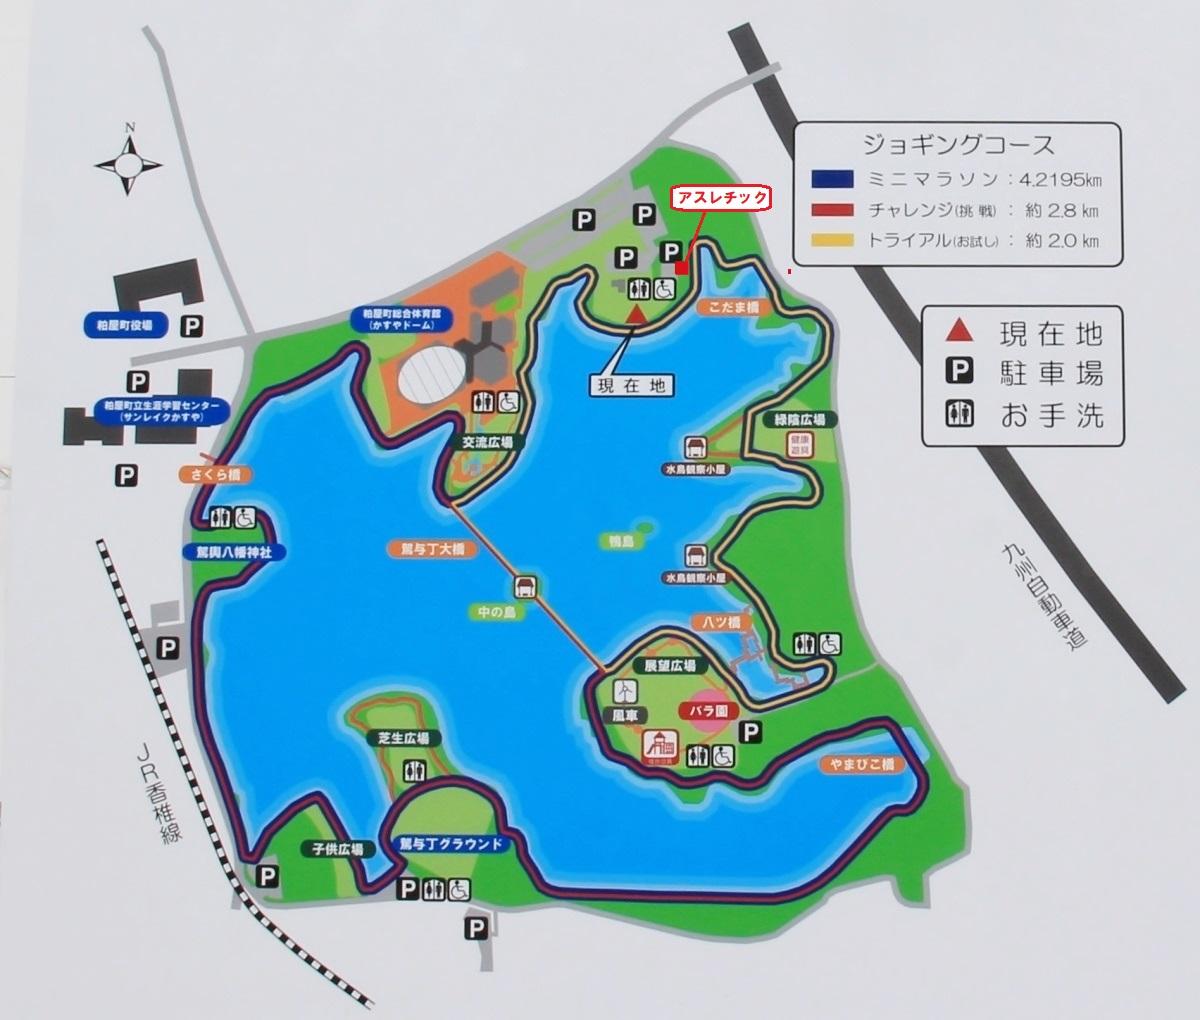 駕与丁公園・園内マップ